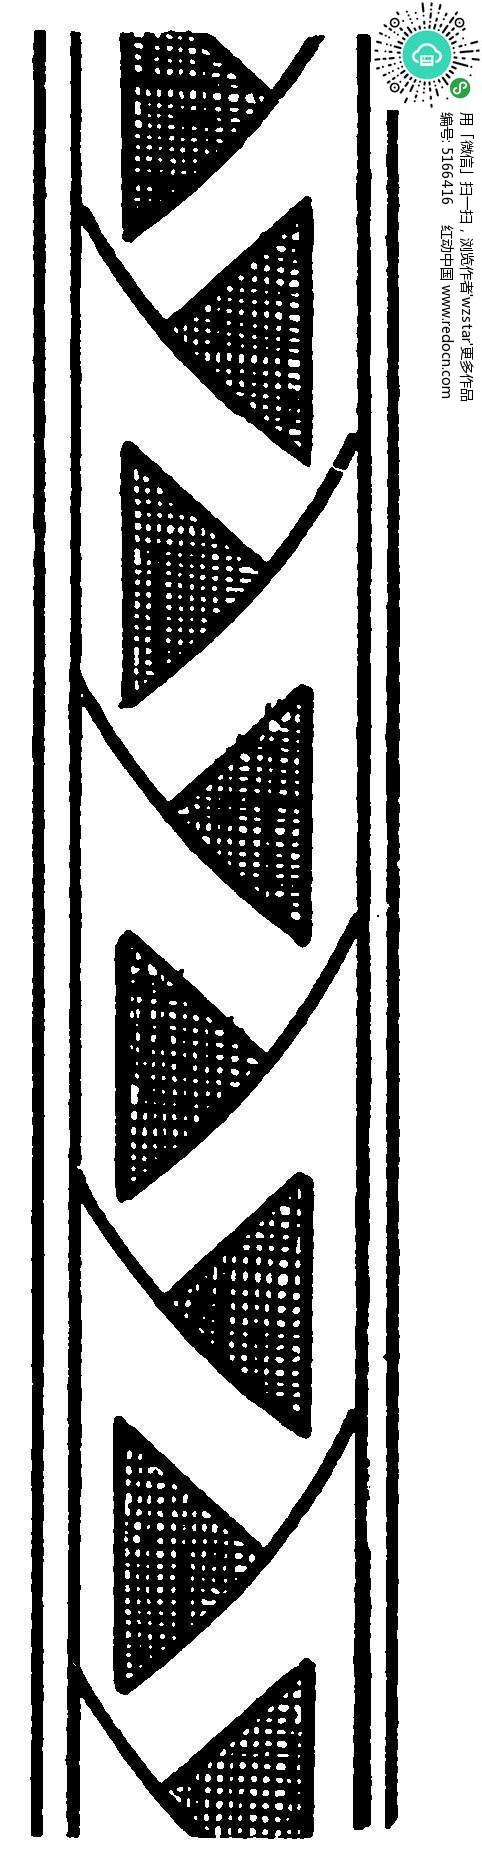 怎样绘制桁架